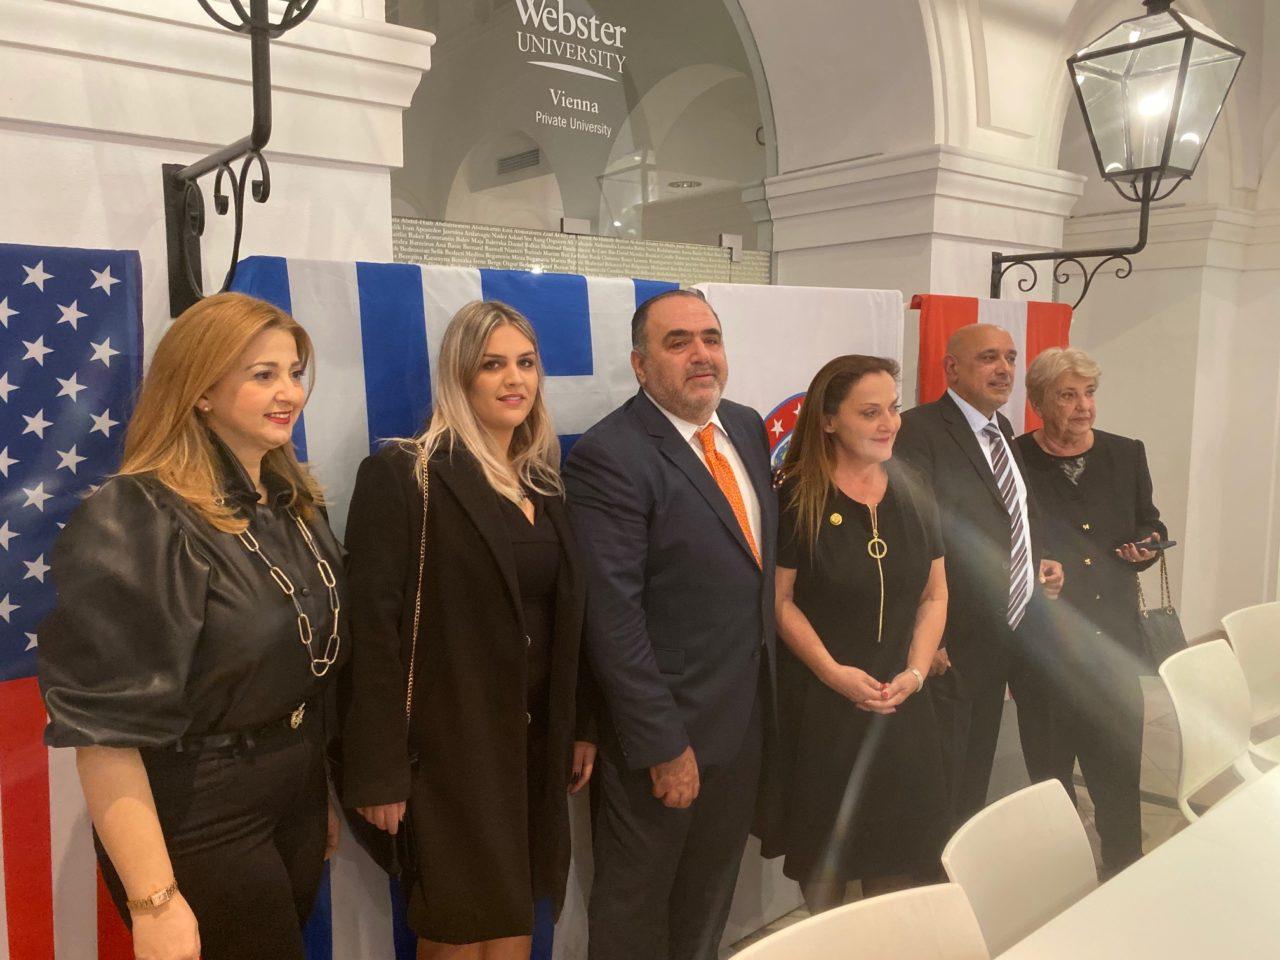 Διεθνής βράβευση του Διεθνούς Ινστιτούτου για την Κυβερνοασφάλεια του Μανώλη Σφακιανάκη